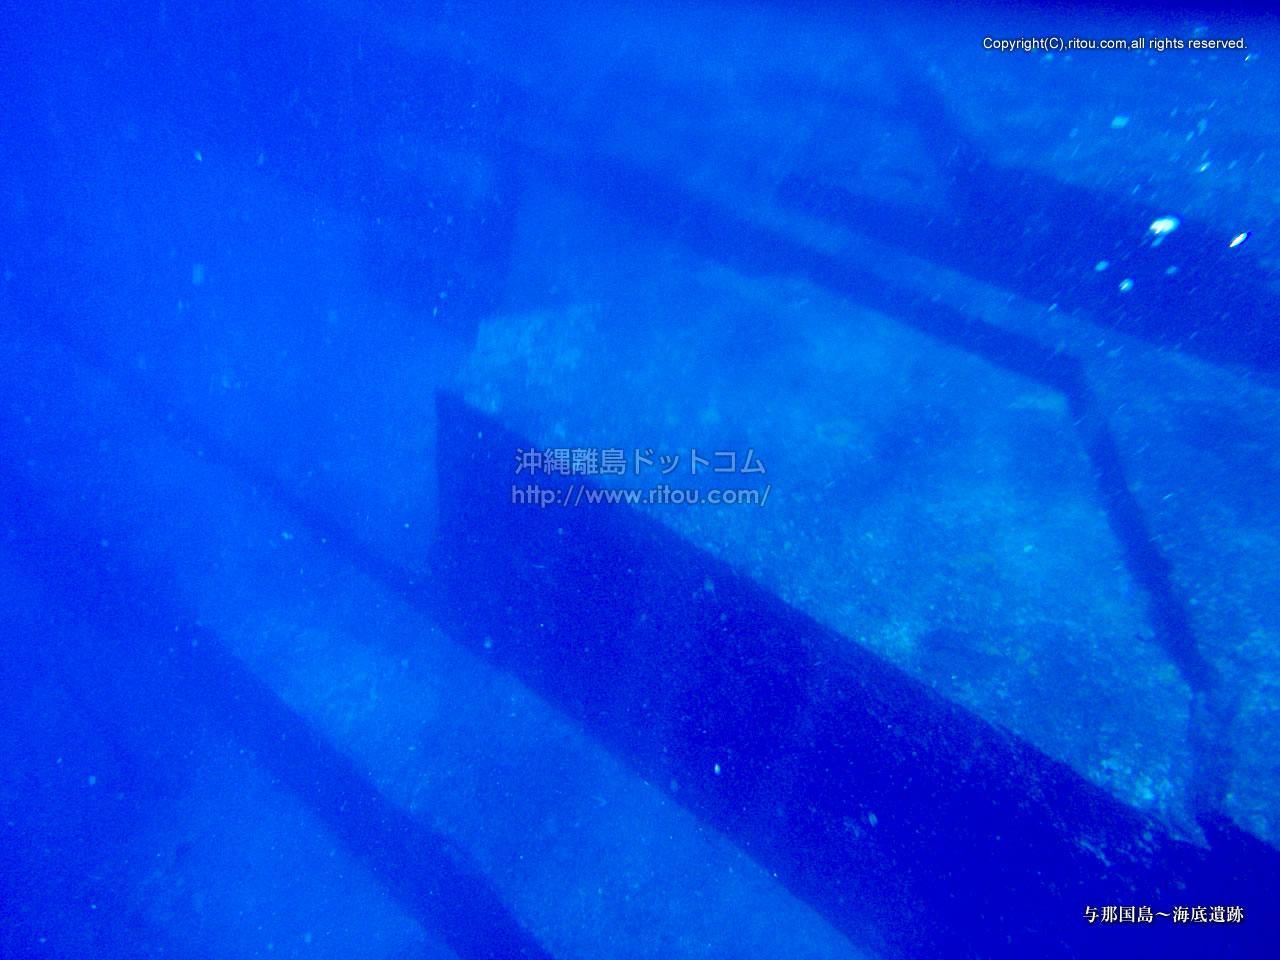 与那国島〜海底遺跡